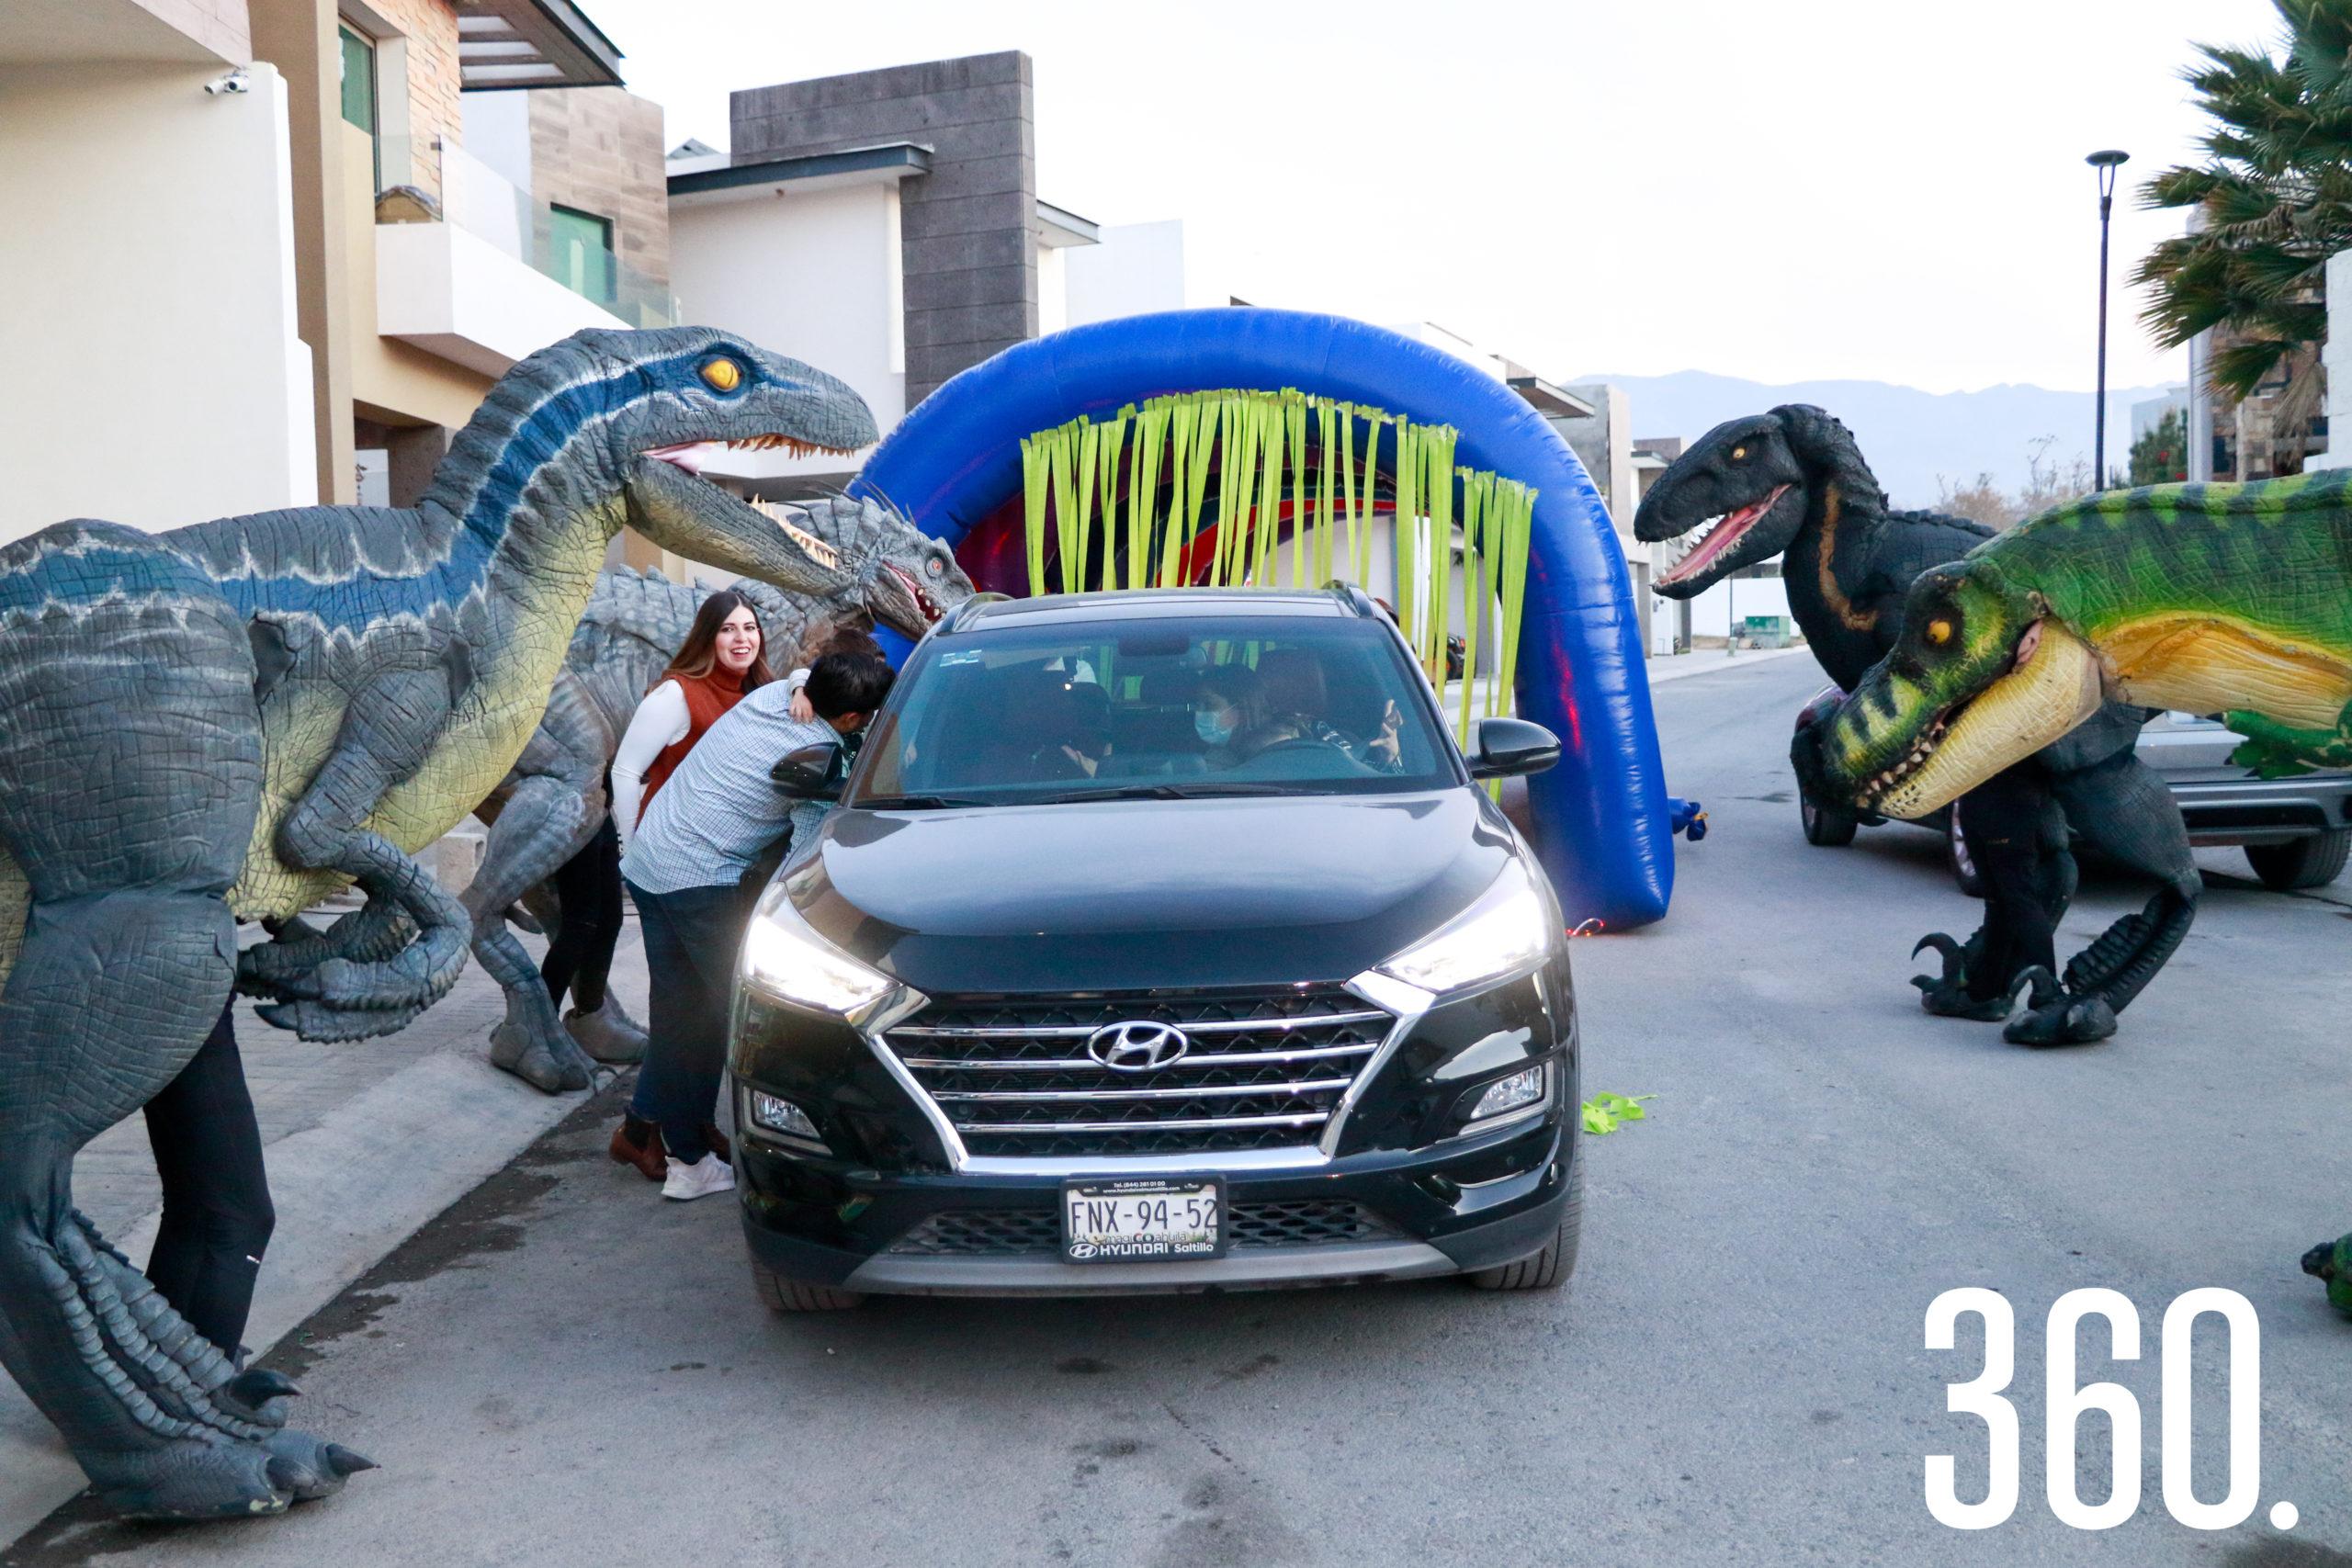 Roberto recibiendo a sus invitados.